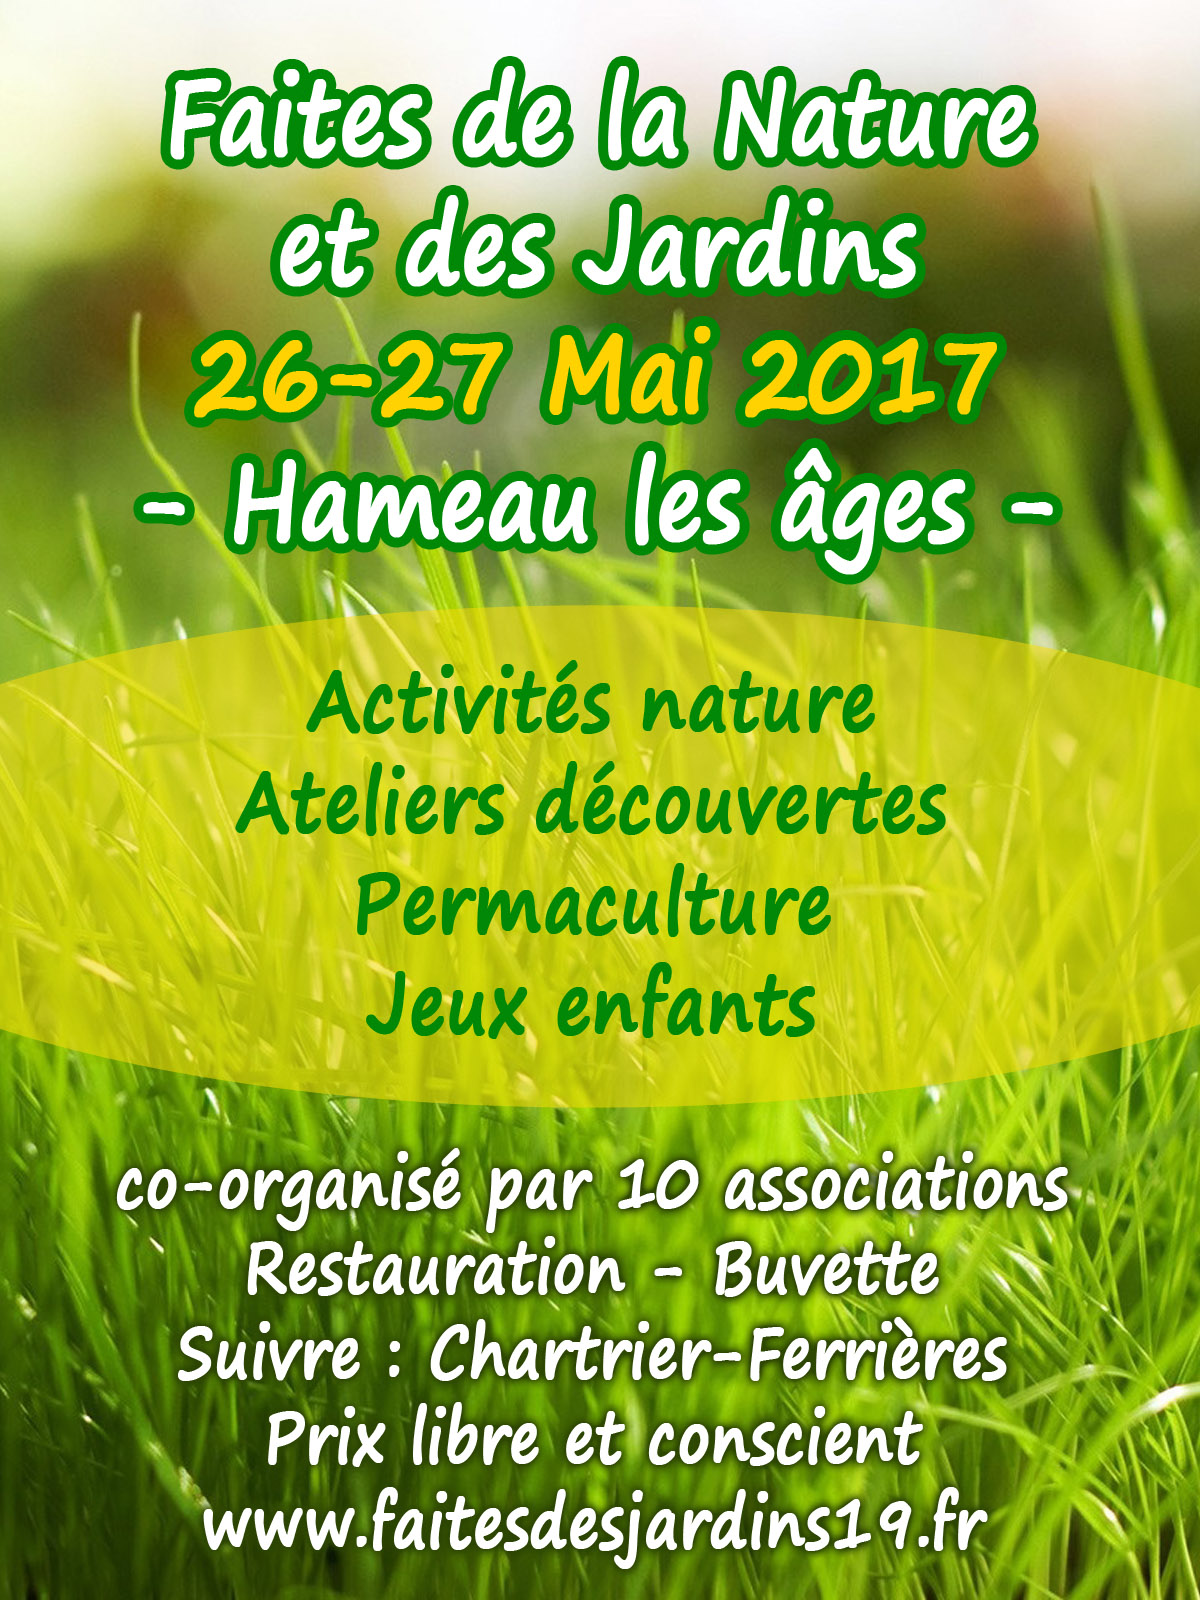 Fête de la Nature et des Jardins en Corrèze